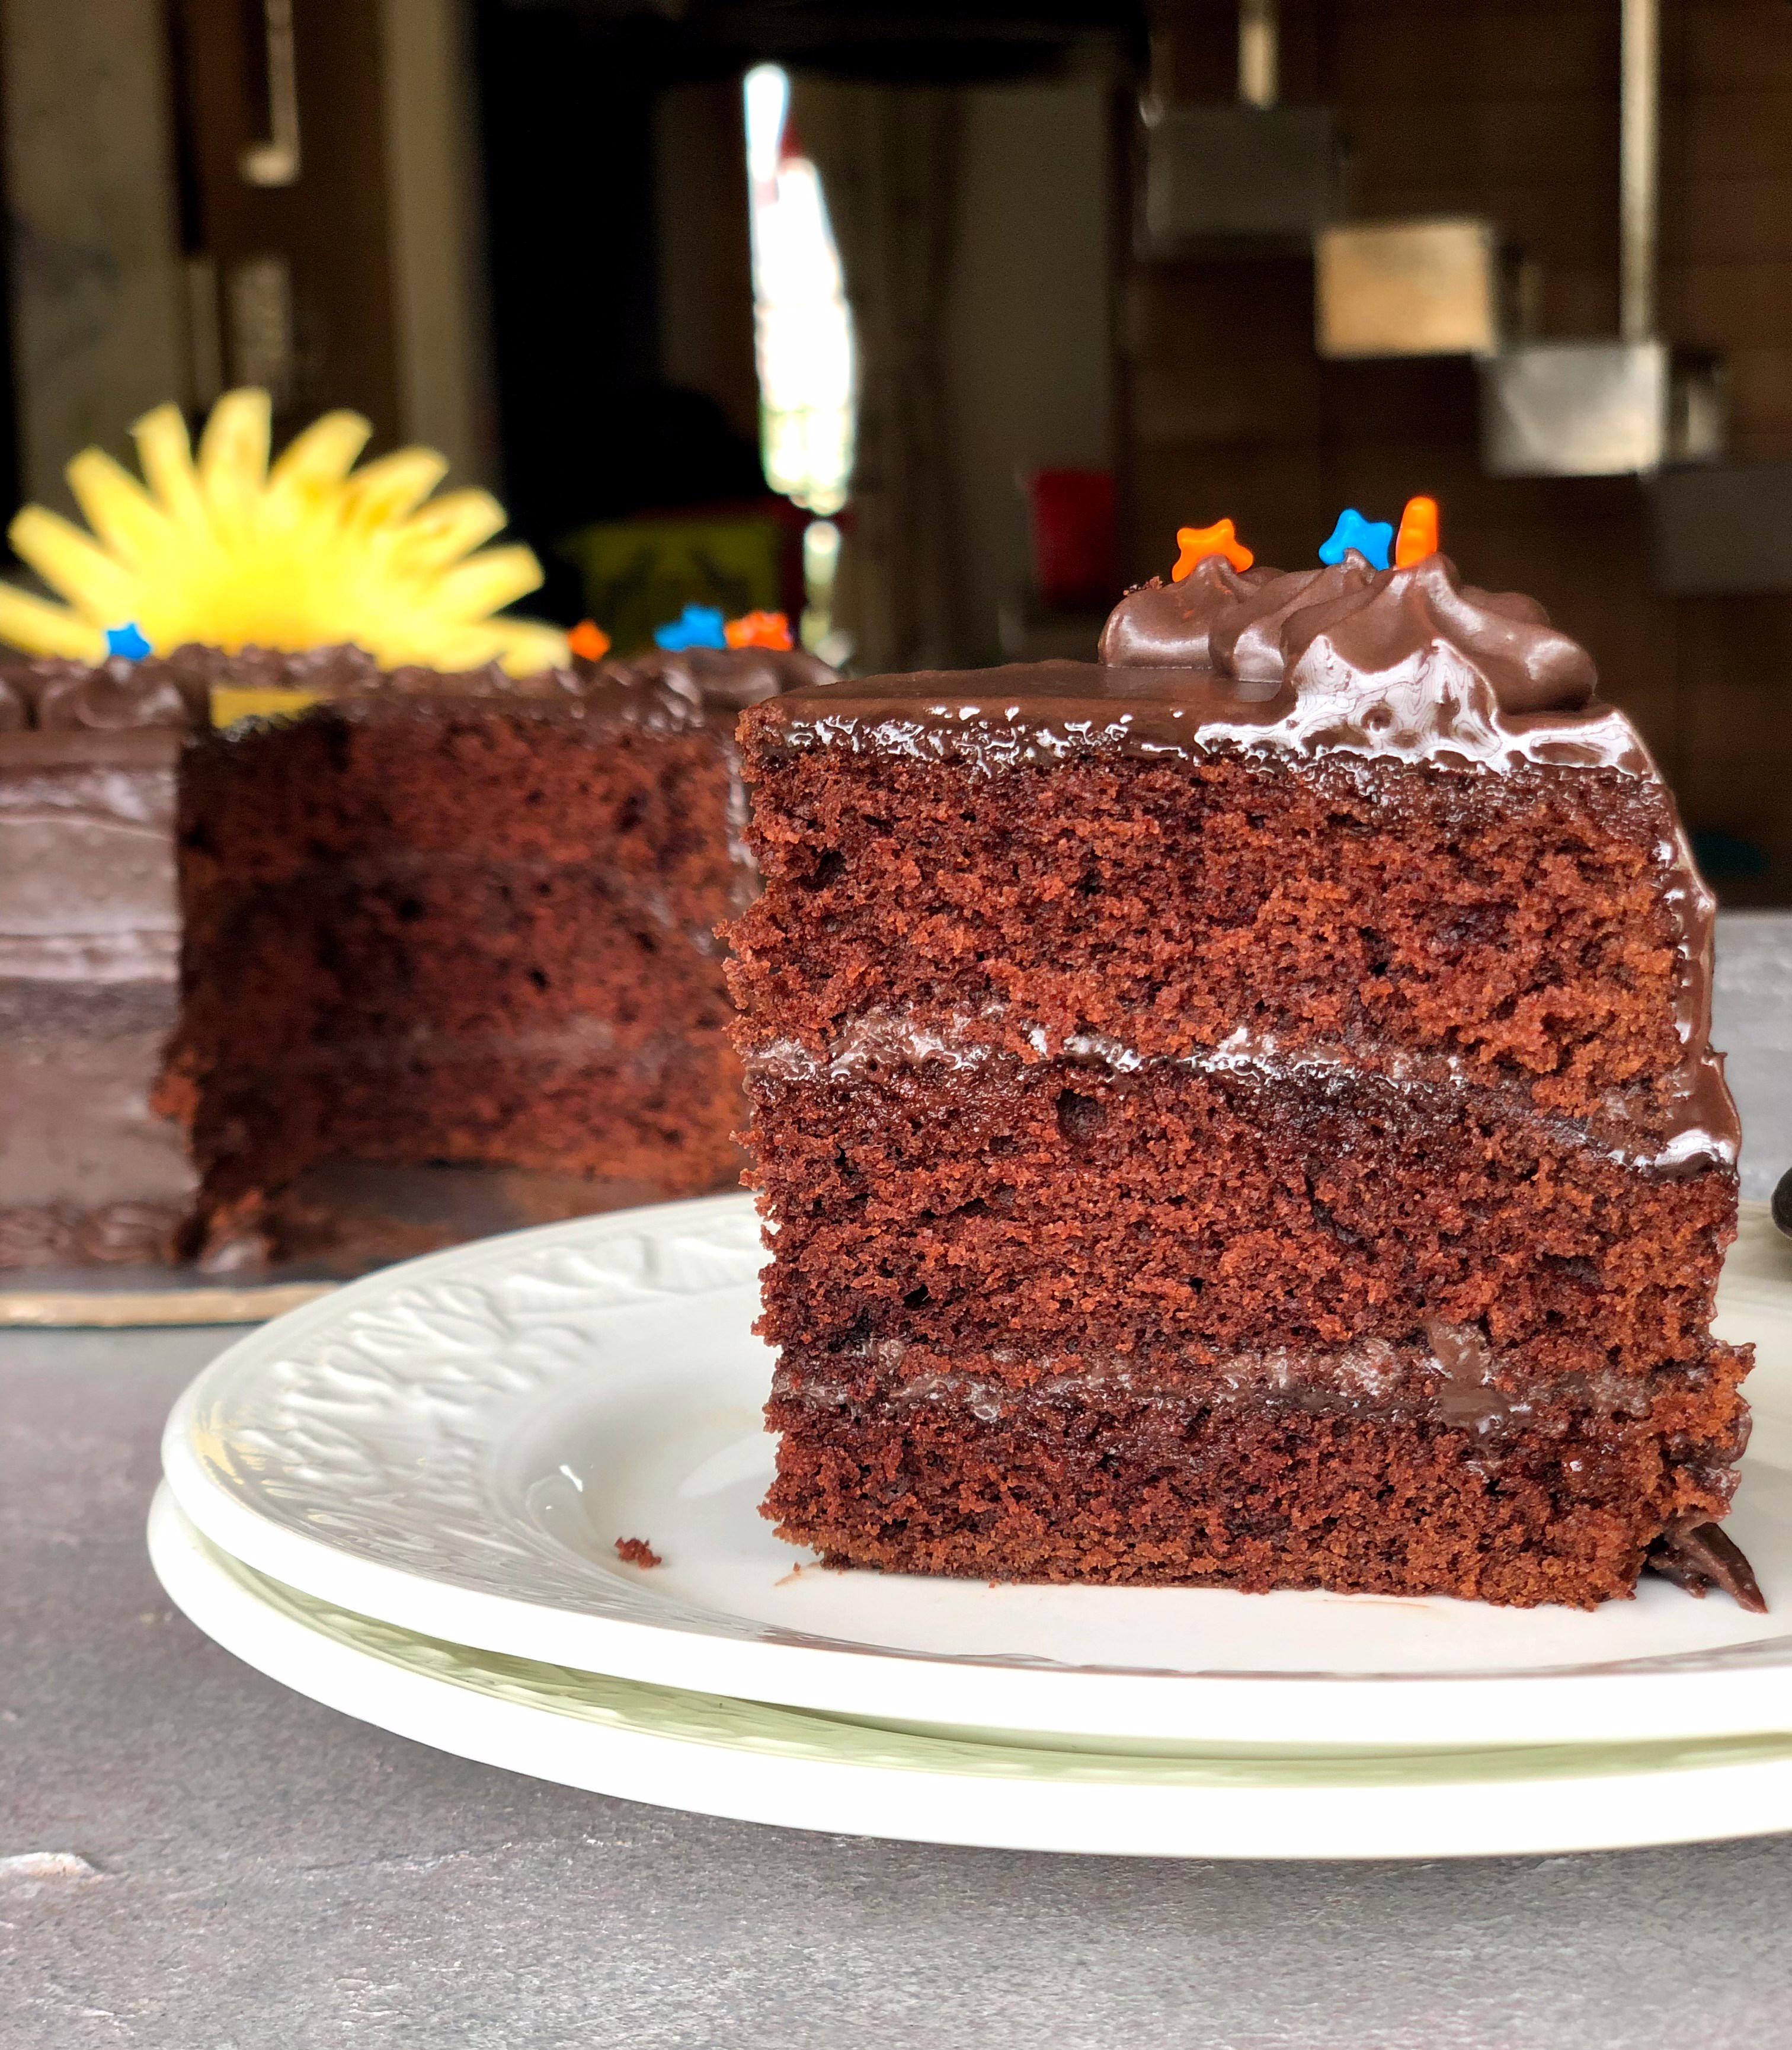 Velvety cocoa cake